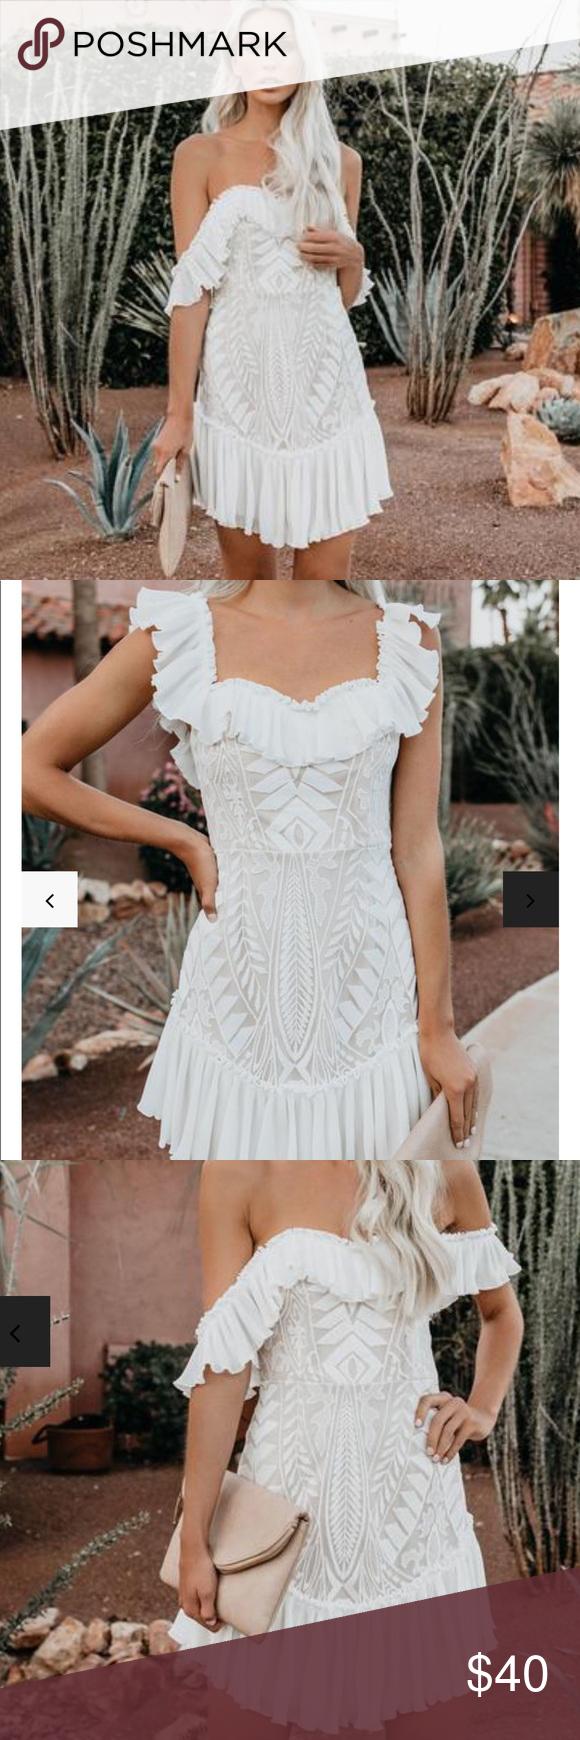 Vici Dolls Bouquet Toss Dress Sz S Lace Mini Dress Dresses Bachelorette Party Dress [ 1740 x 580 Pixel ]